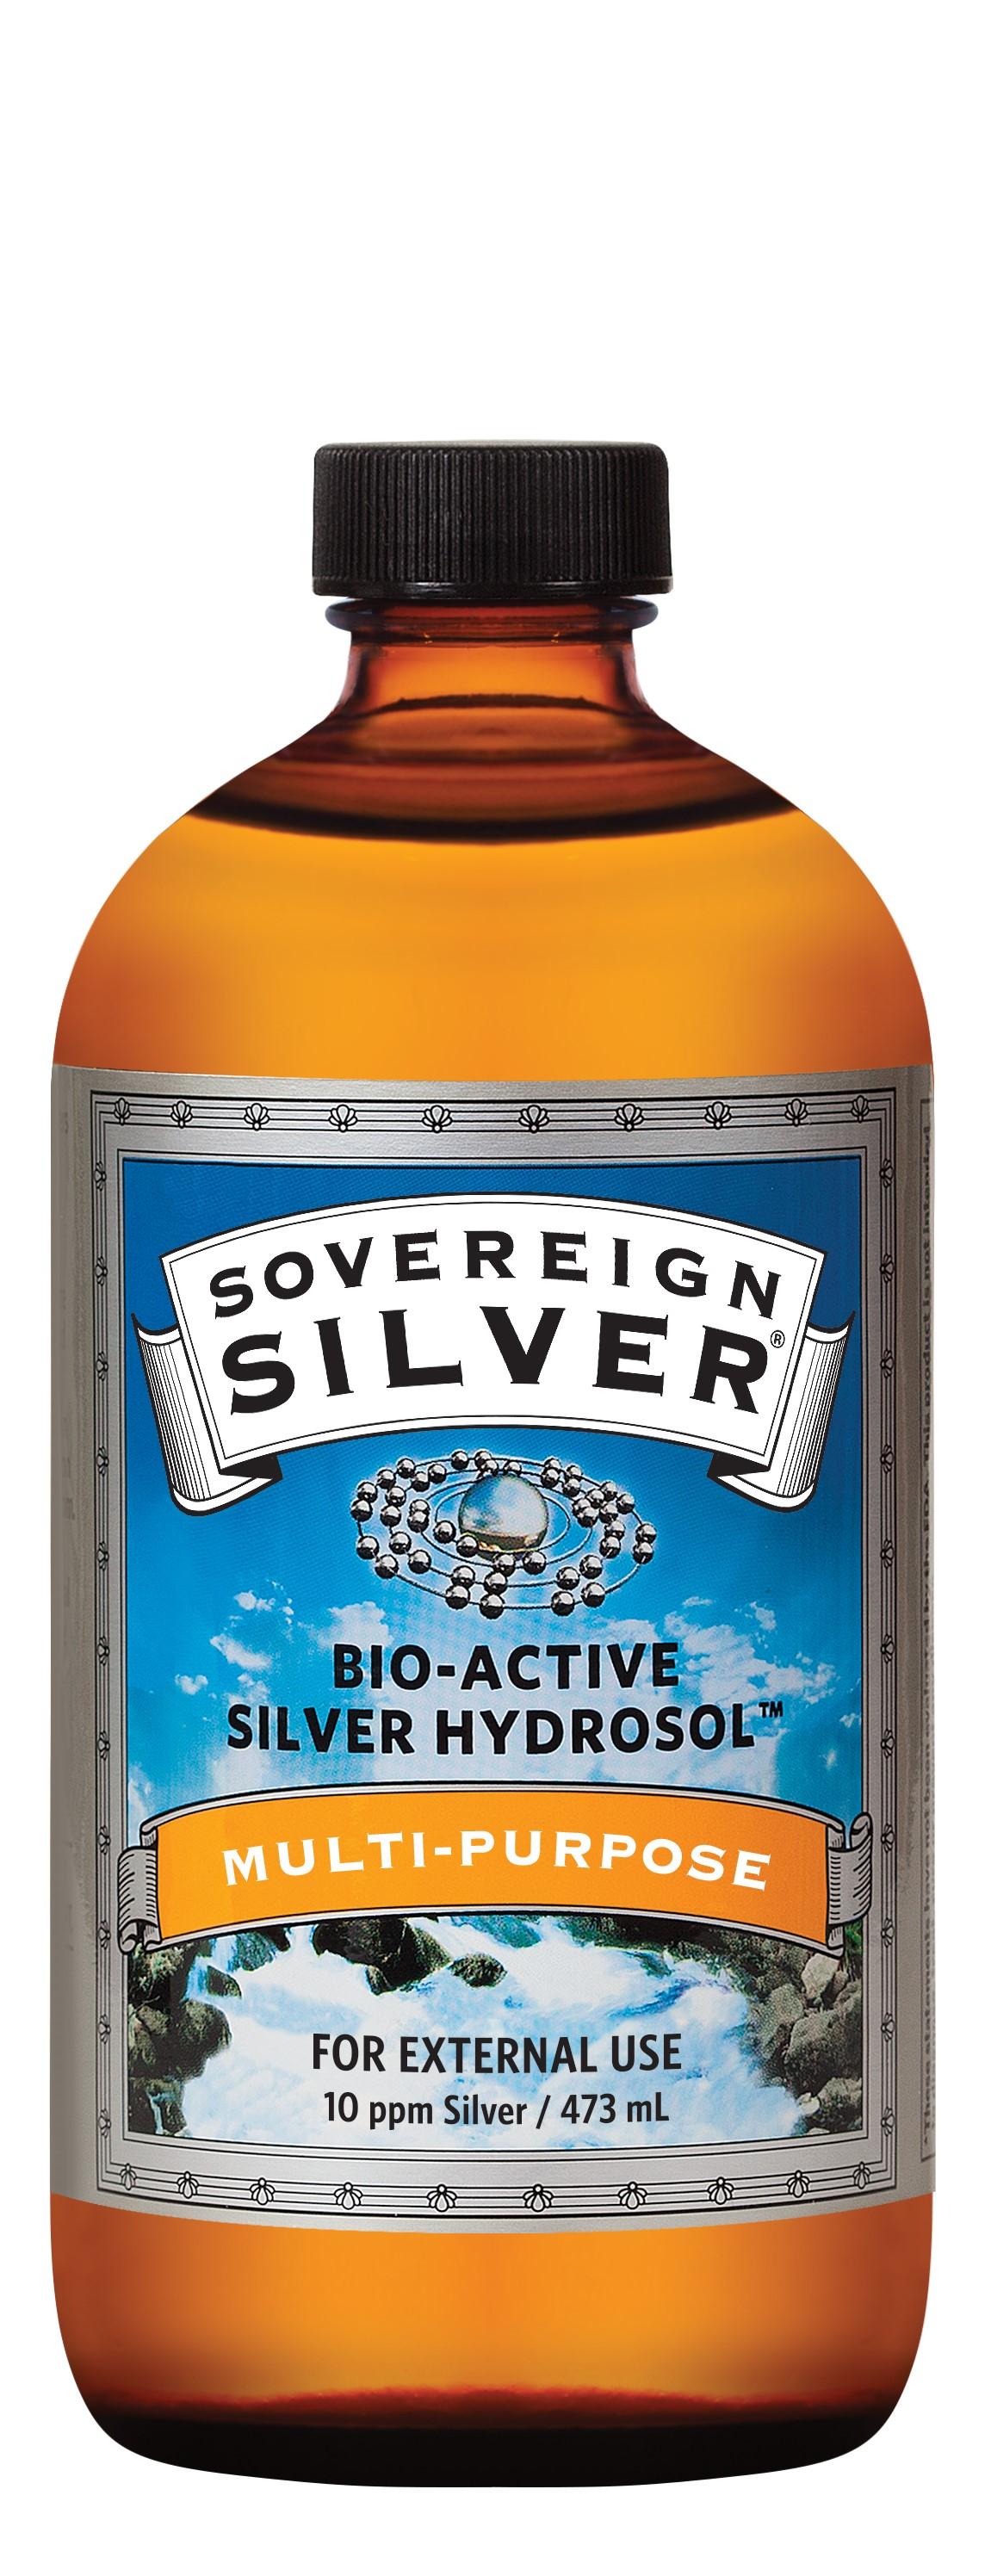 Sovereign Silver Multi-Purpose 473ml